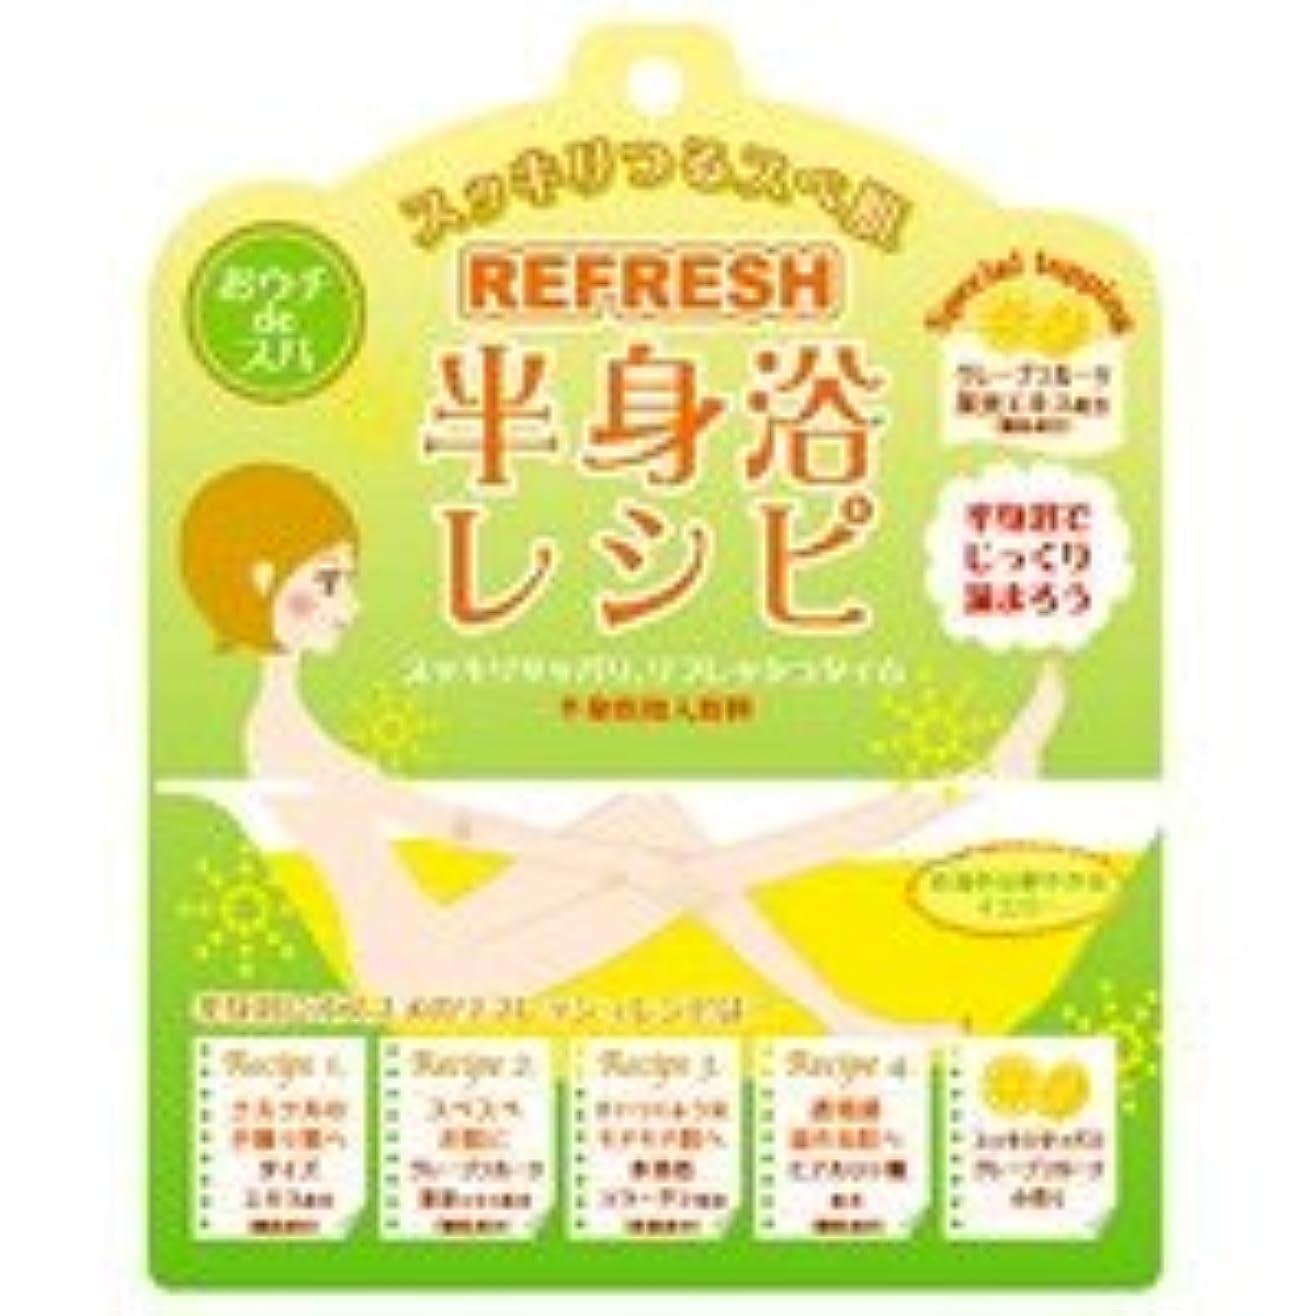 セイはさておき円周裁判所半身浴レシピ「リフレッシュレシピ」10個セット クリアイエローのお湯 スッキリサッパリなグレープフルーツの香り